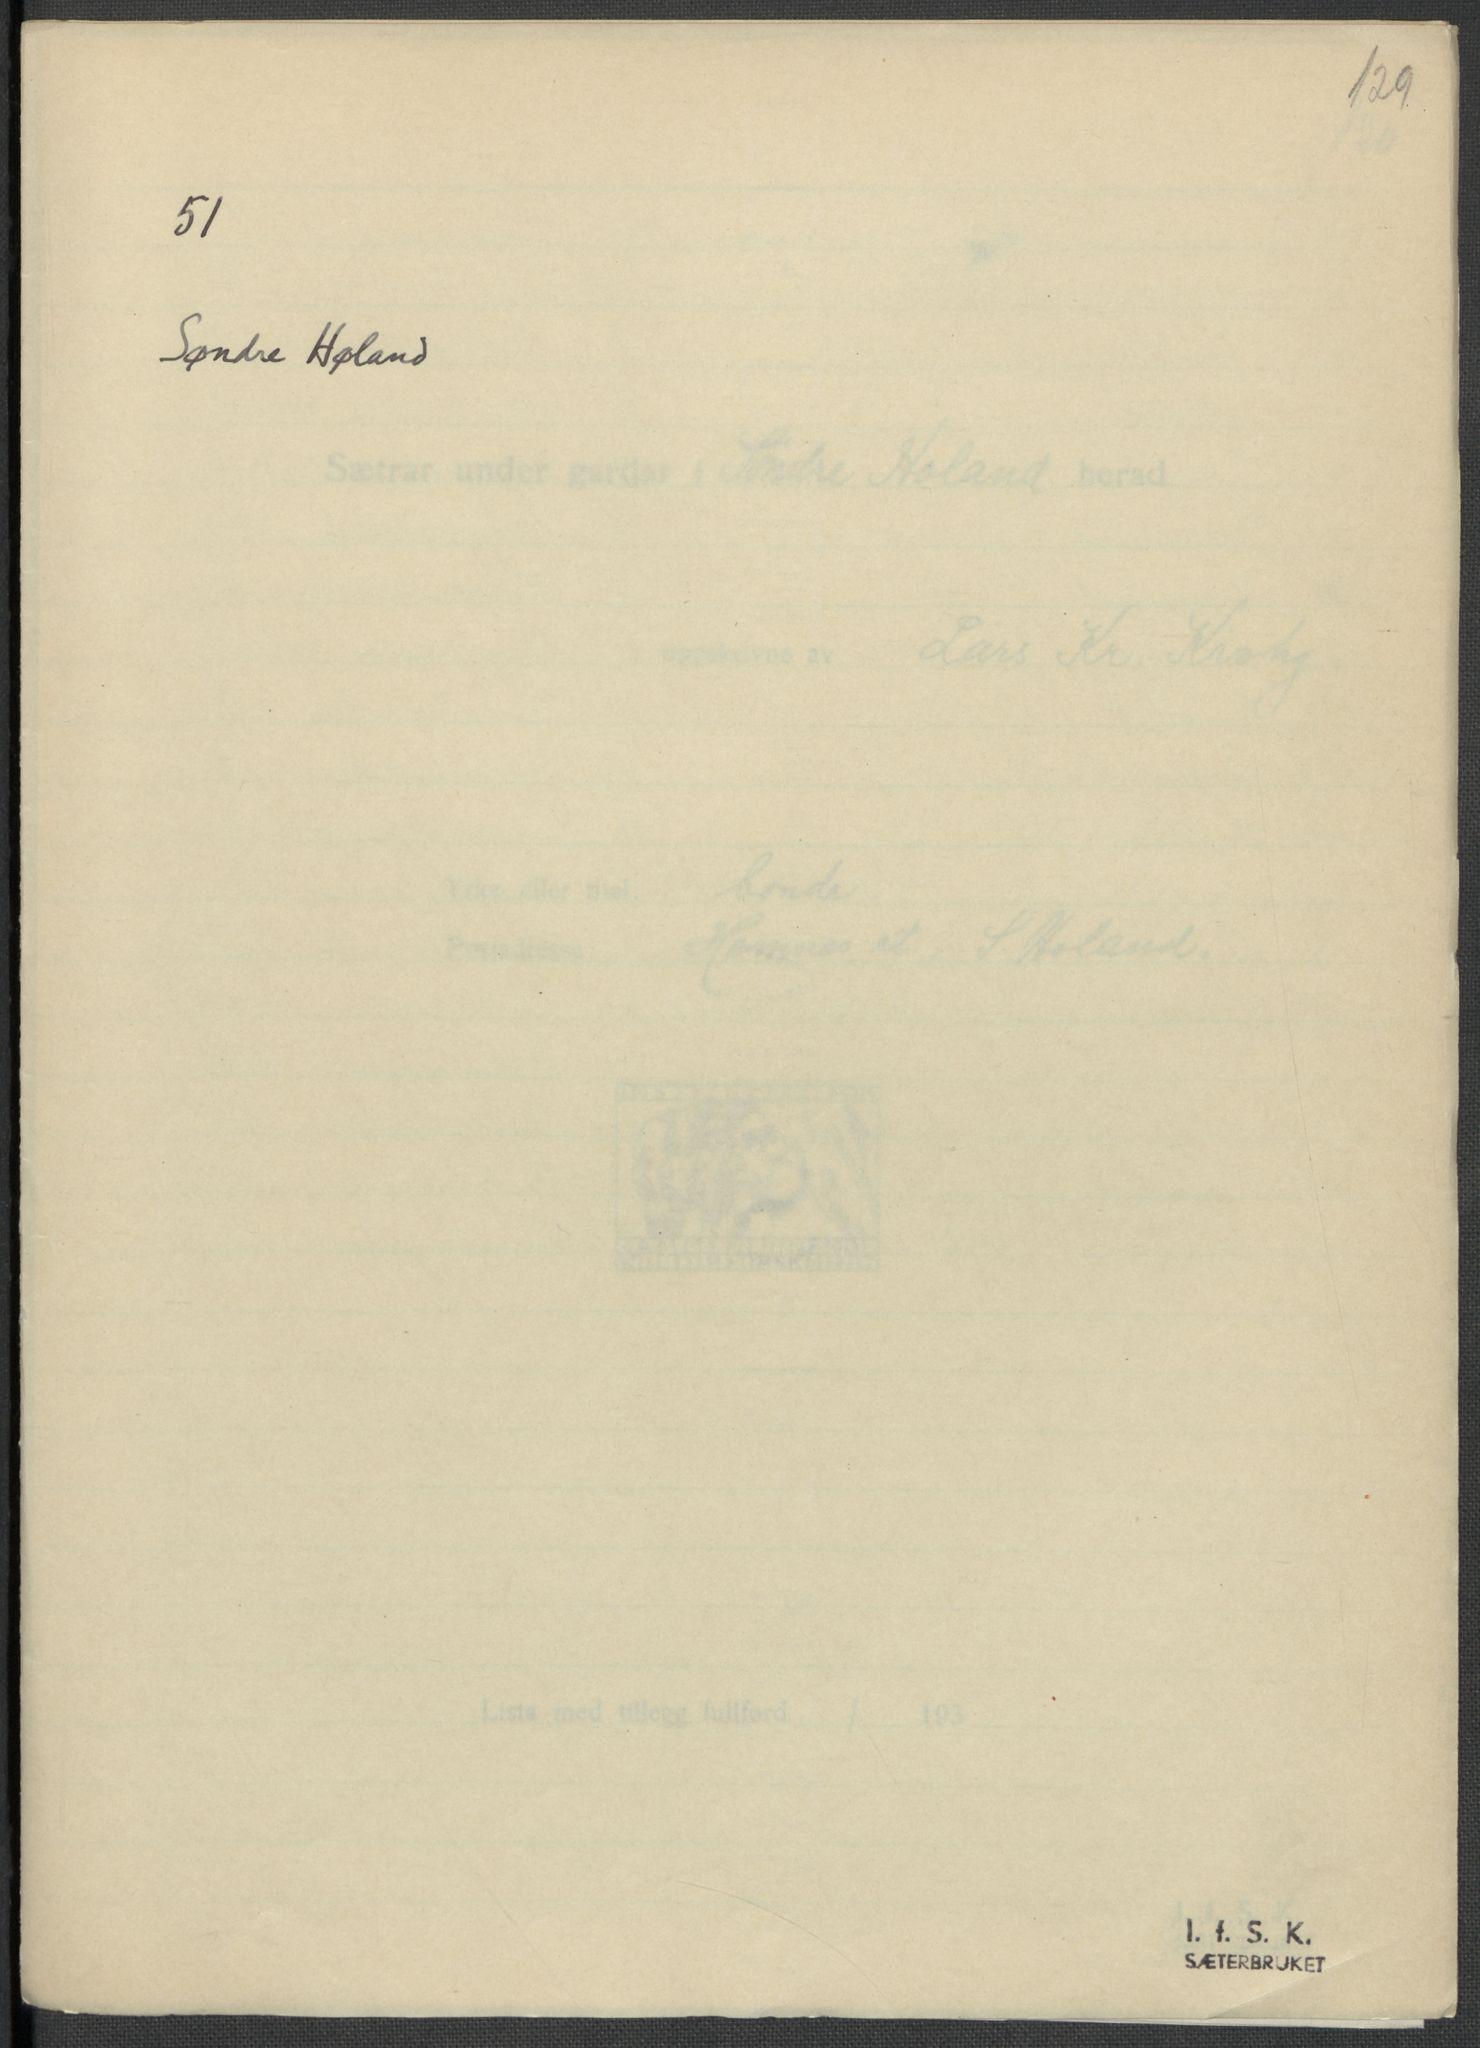 RA, Instituttet for sammenlignende kulturforskning, F/Fc/L0002: Eske B2:, 1932-1936, s. 129